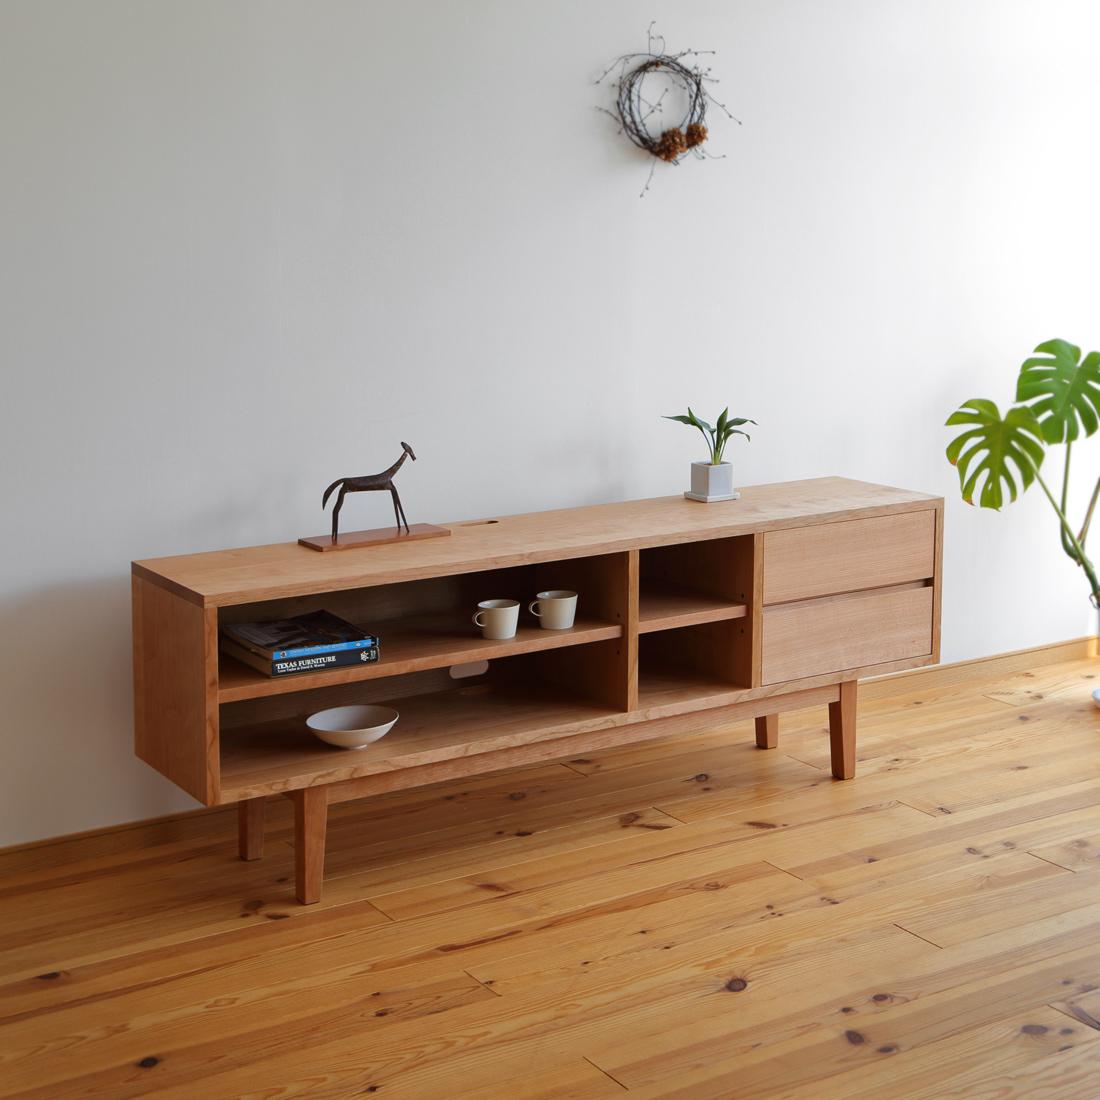 チェリー無垢材のオーダーテレビボード・c-279(幅180cm 高さ65㎝) 家具